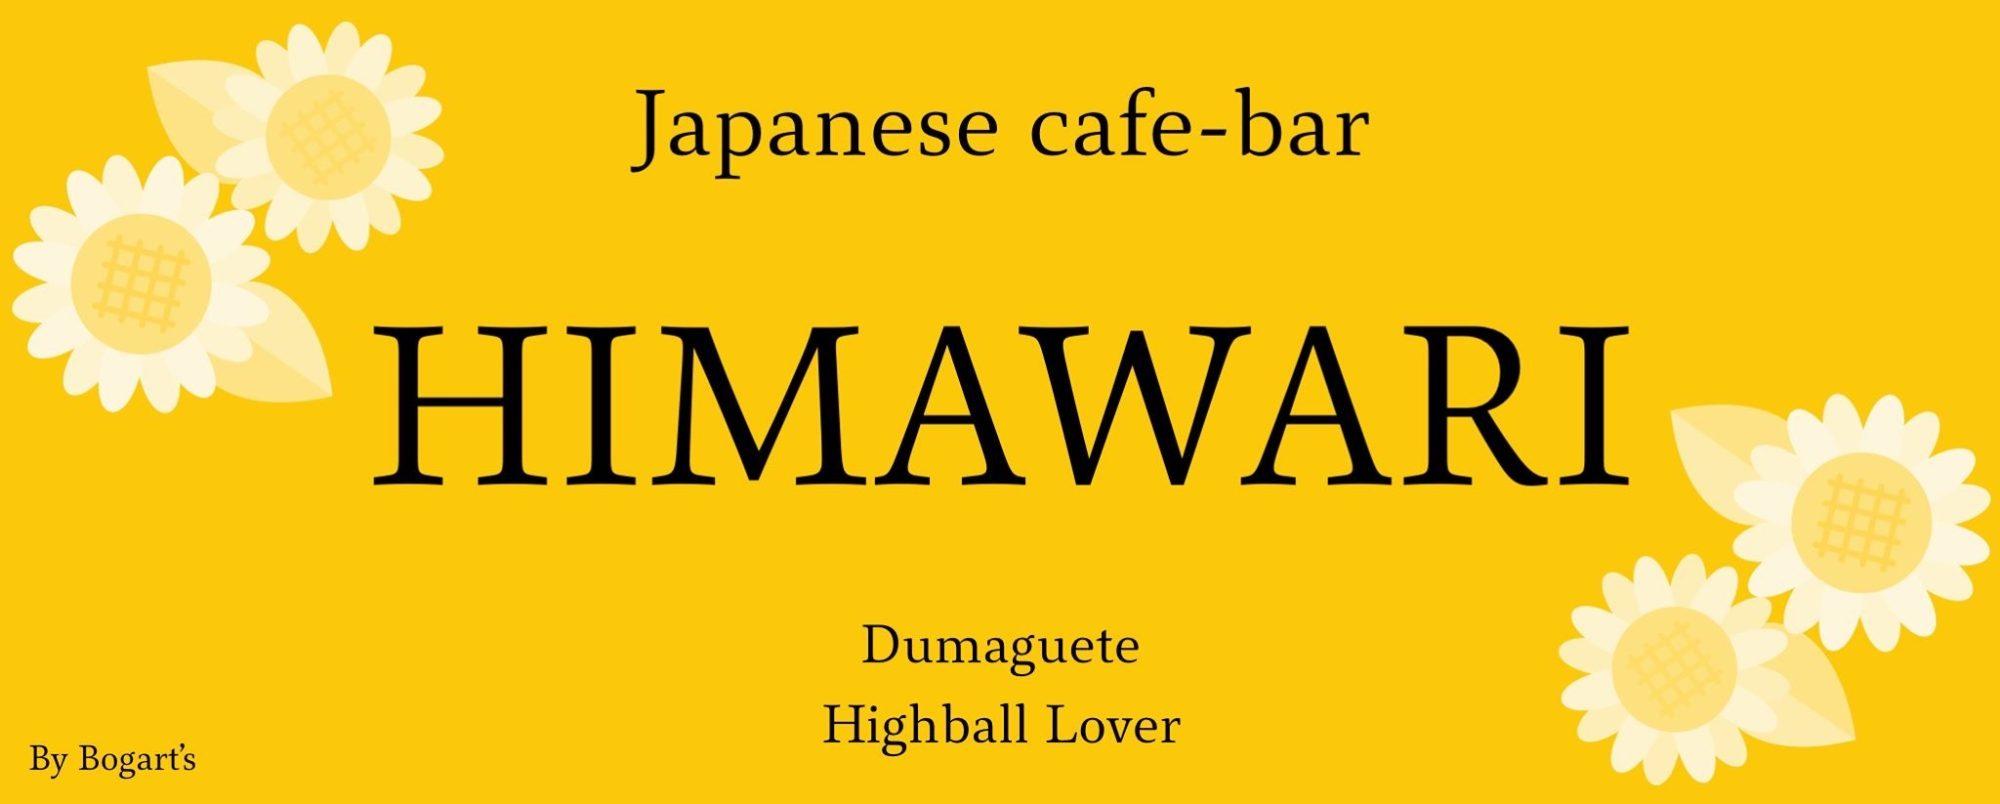 フィリピン・ドゥマゲッティ(ドゥマゲテ)の居酒屋・日本人カフェバー「ひまわり」